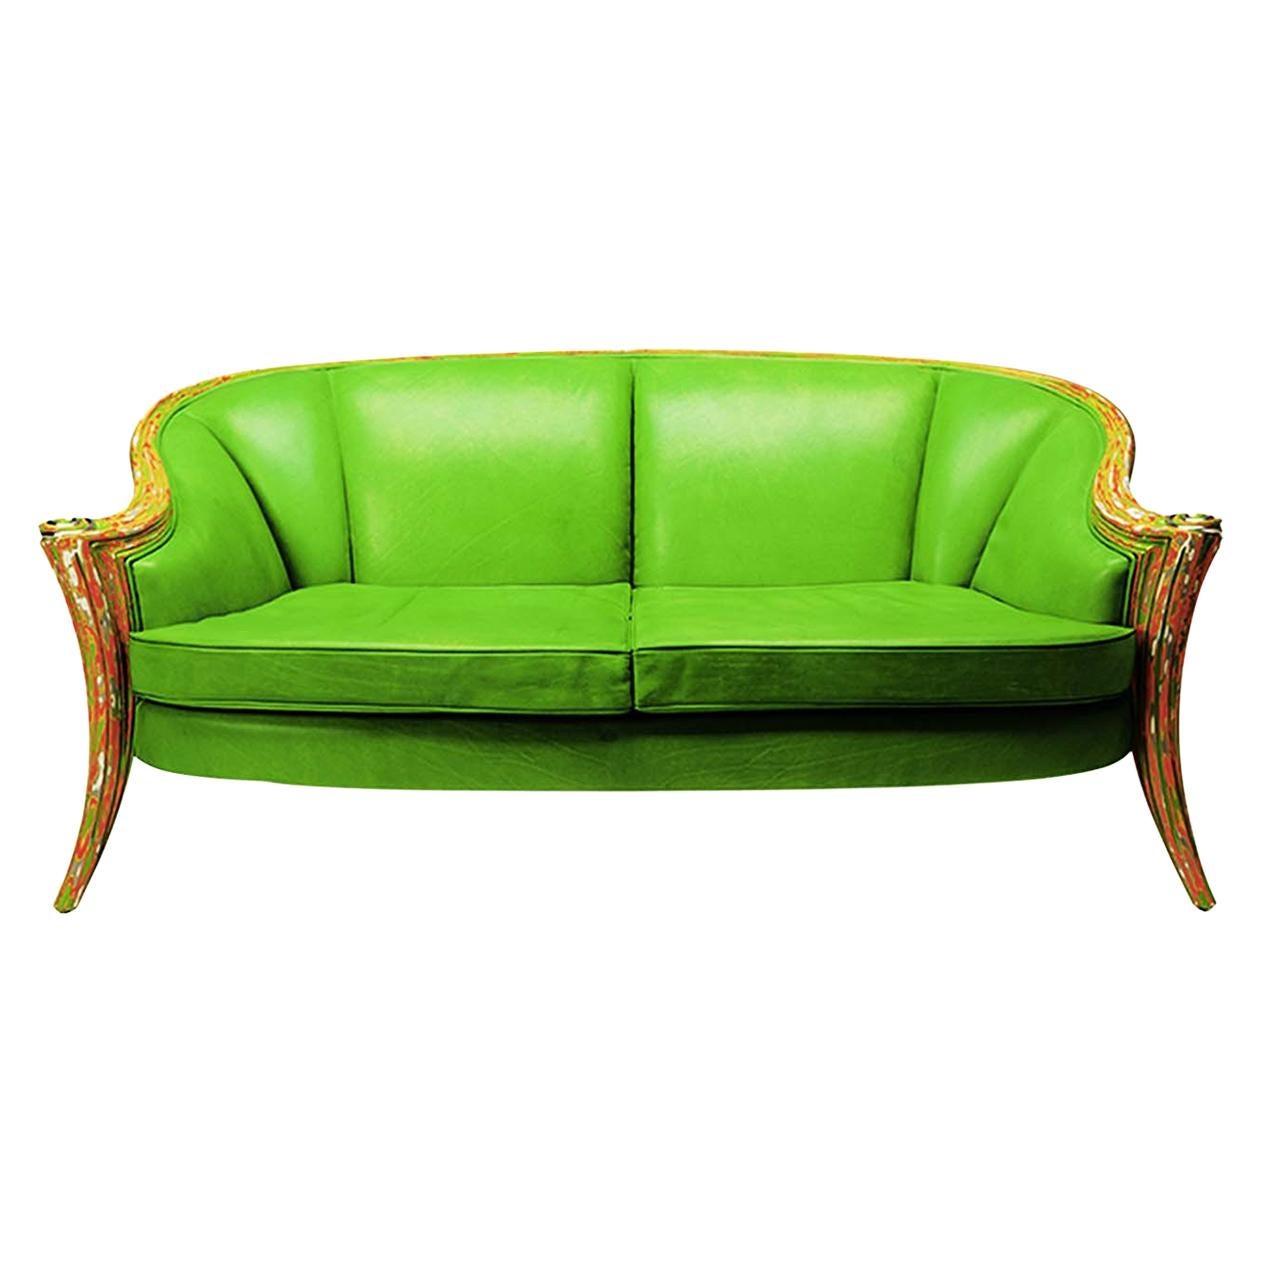 Opus Futura 2-Seat Sofa by Carlo Rampazzi